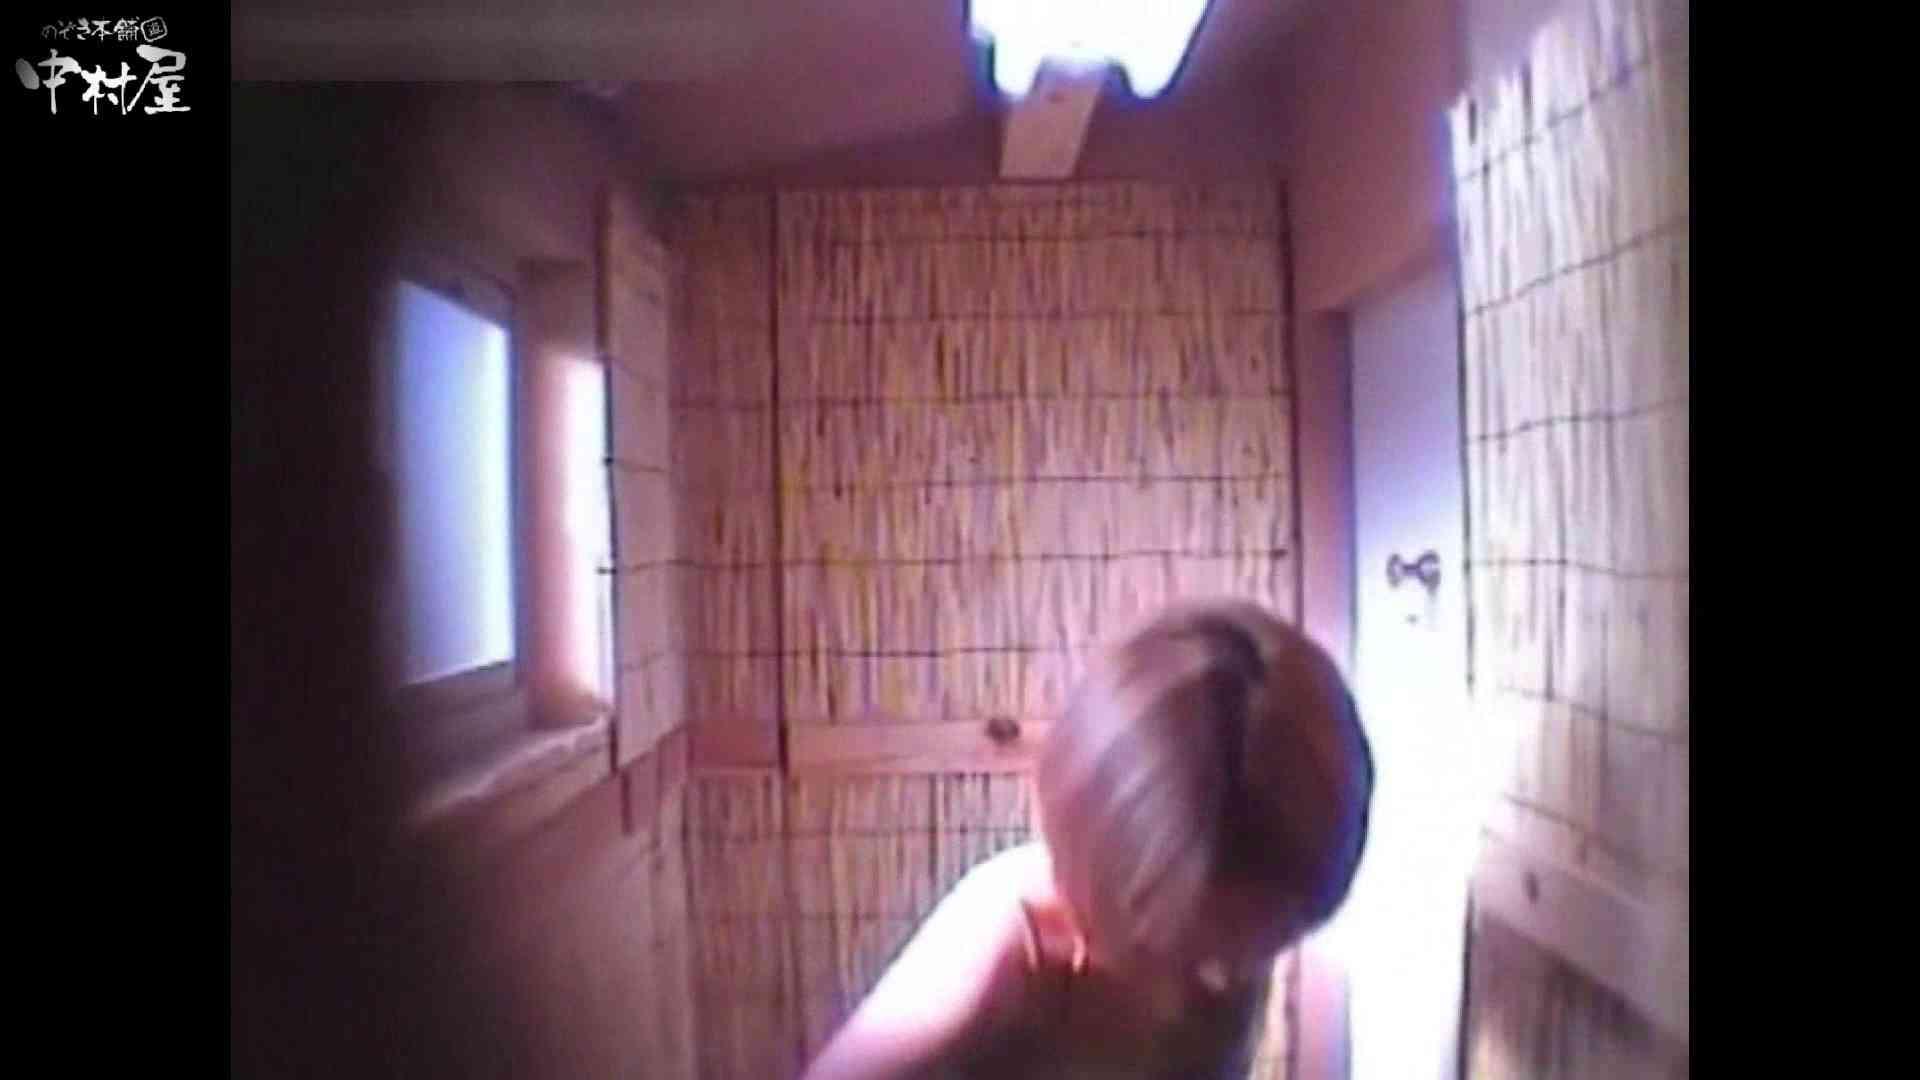 解禁!海の家4カメ洗面所vol.45 現役ギャル のぞき動画画像 107pic 22